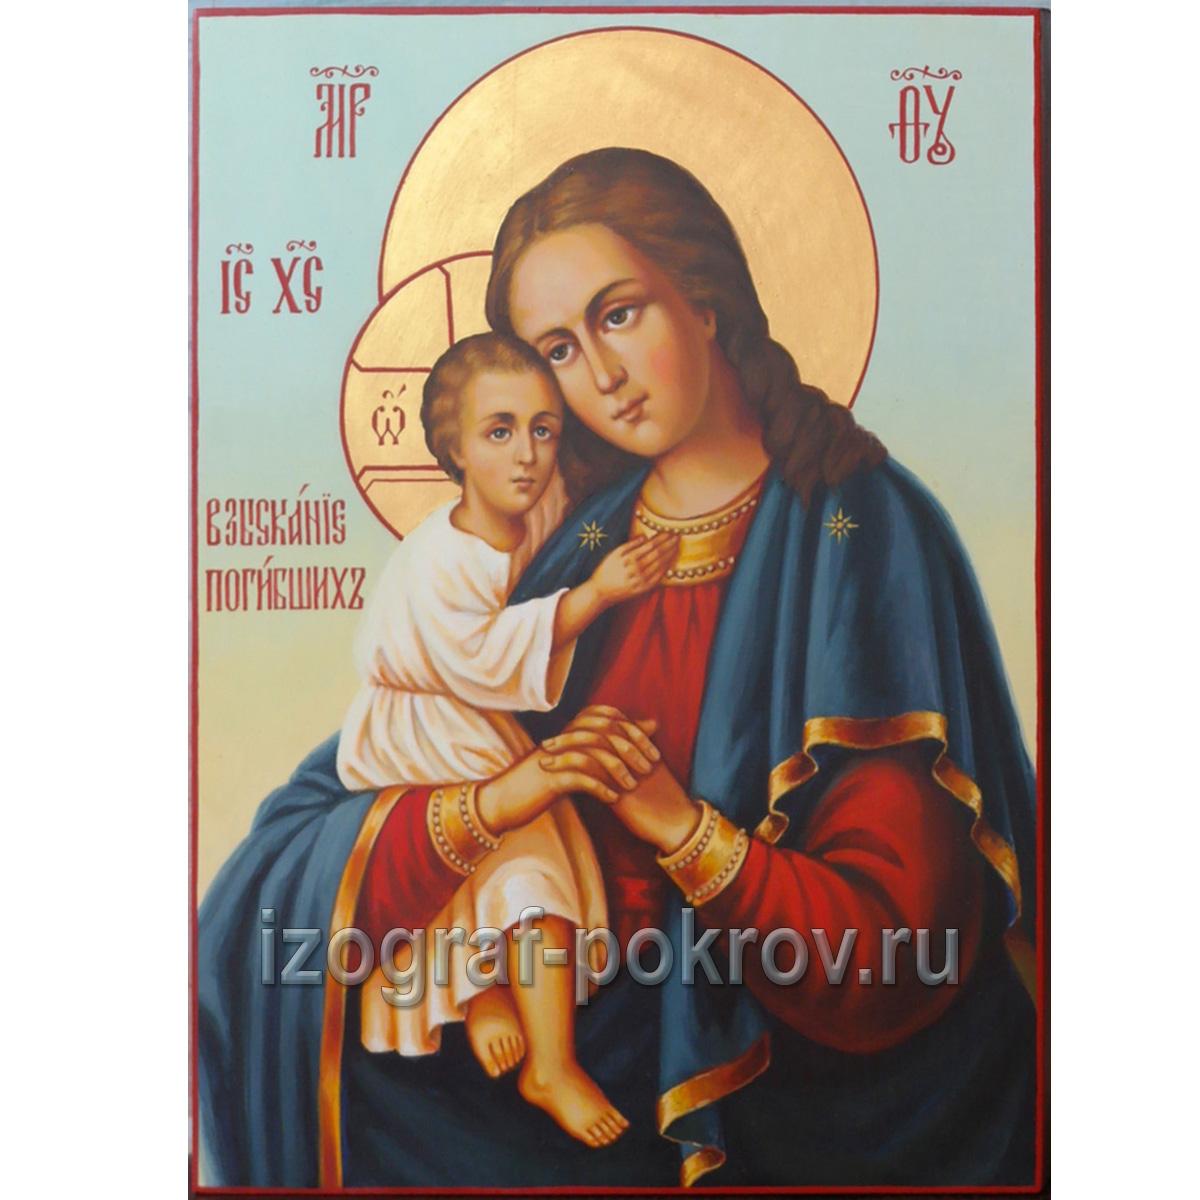 Икона Божией Матери Взыскание погибших. Заказать изготовление иконы в Свято-Покровской иконописной мастерской